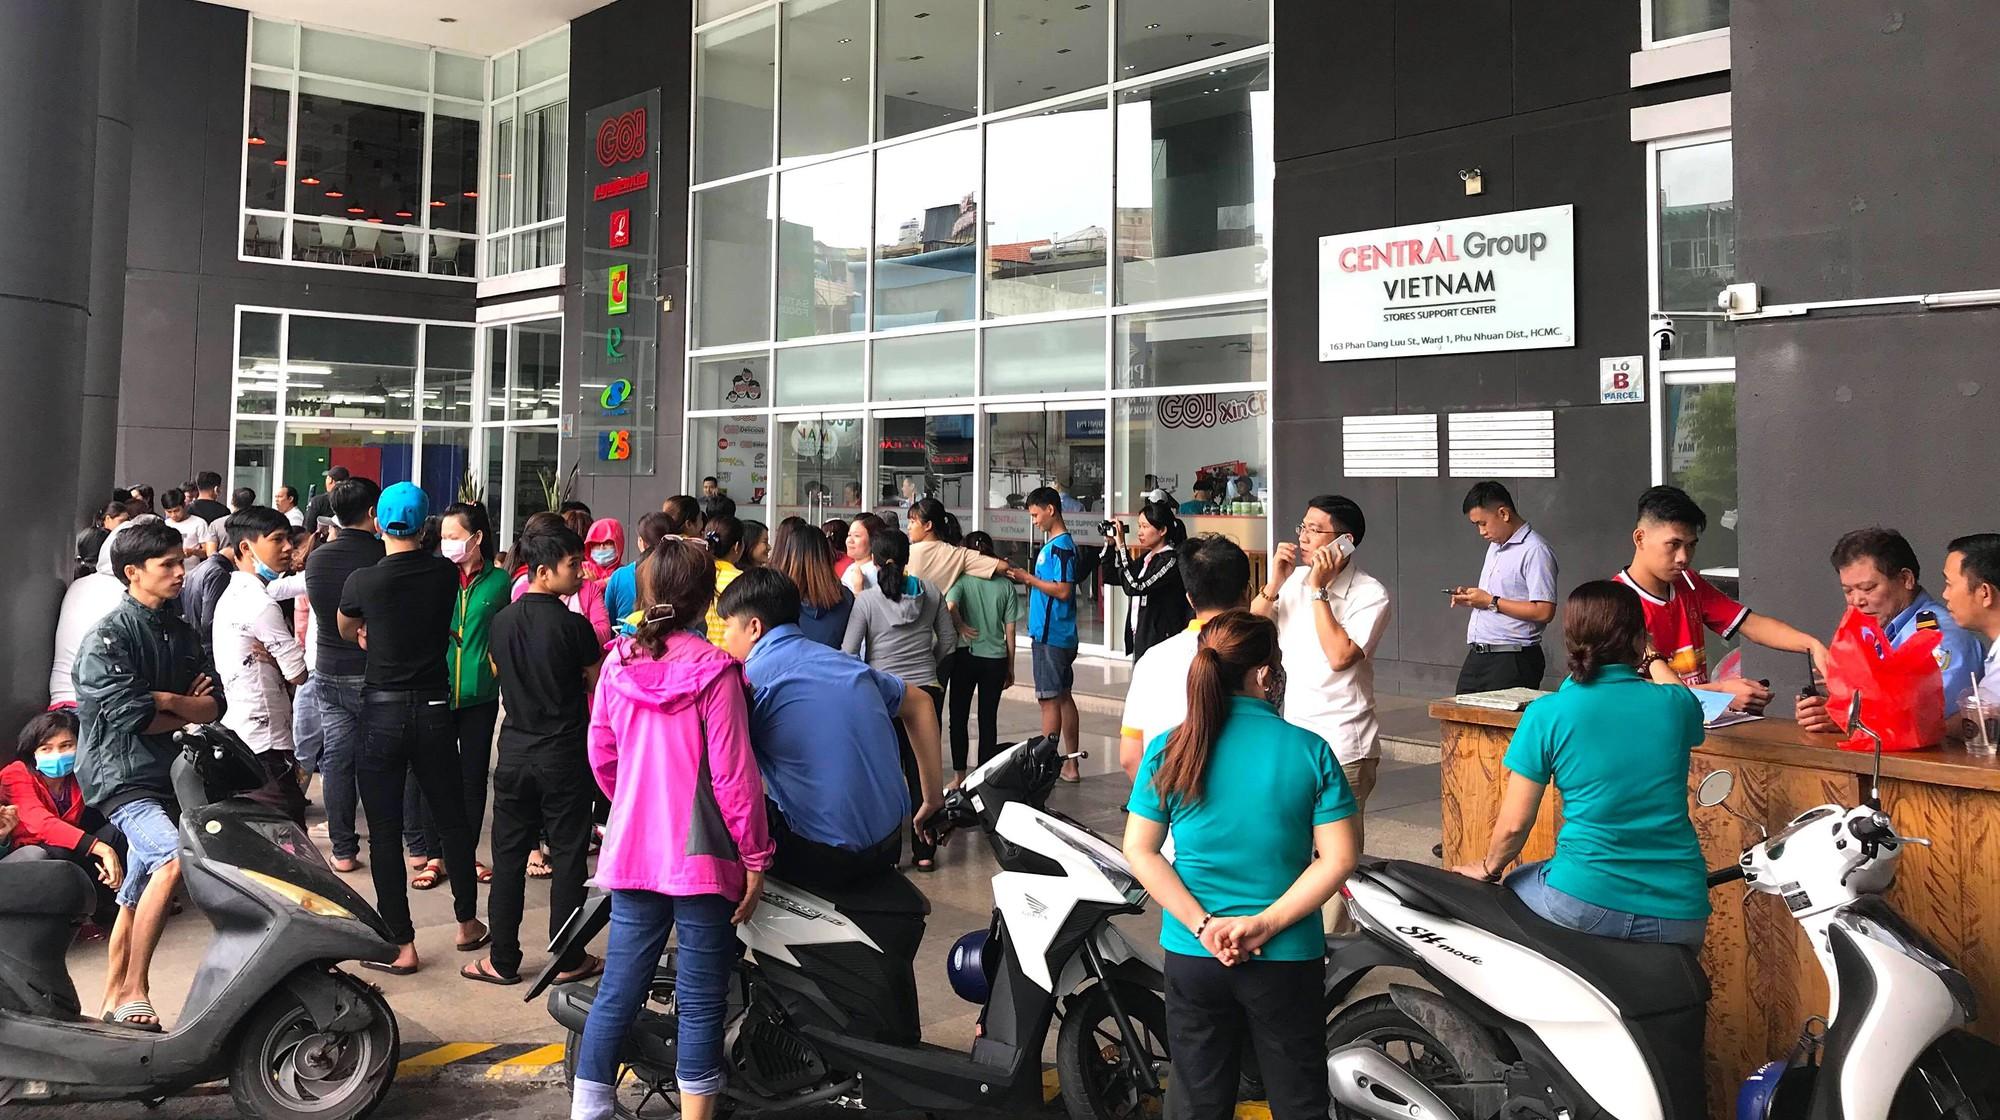 Big C hứa mở nhập hàng, doanh nghiệp Việt chưa vội mừng - Ảnh 2.